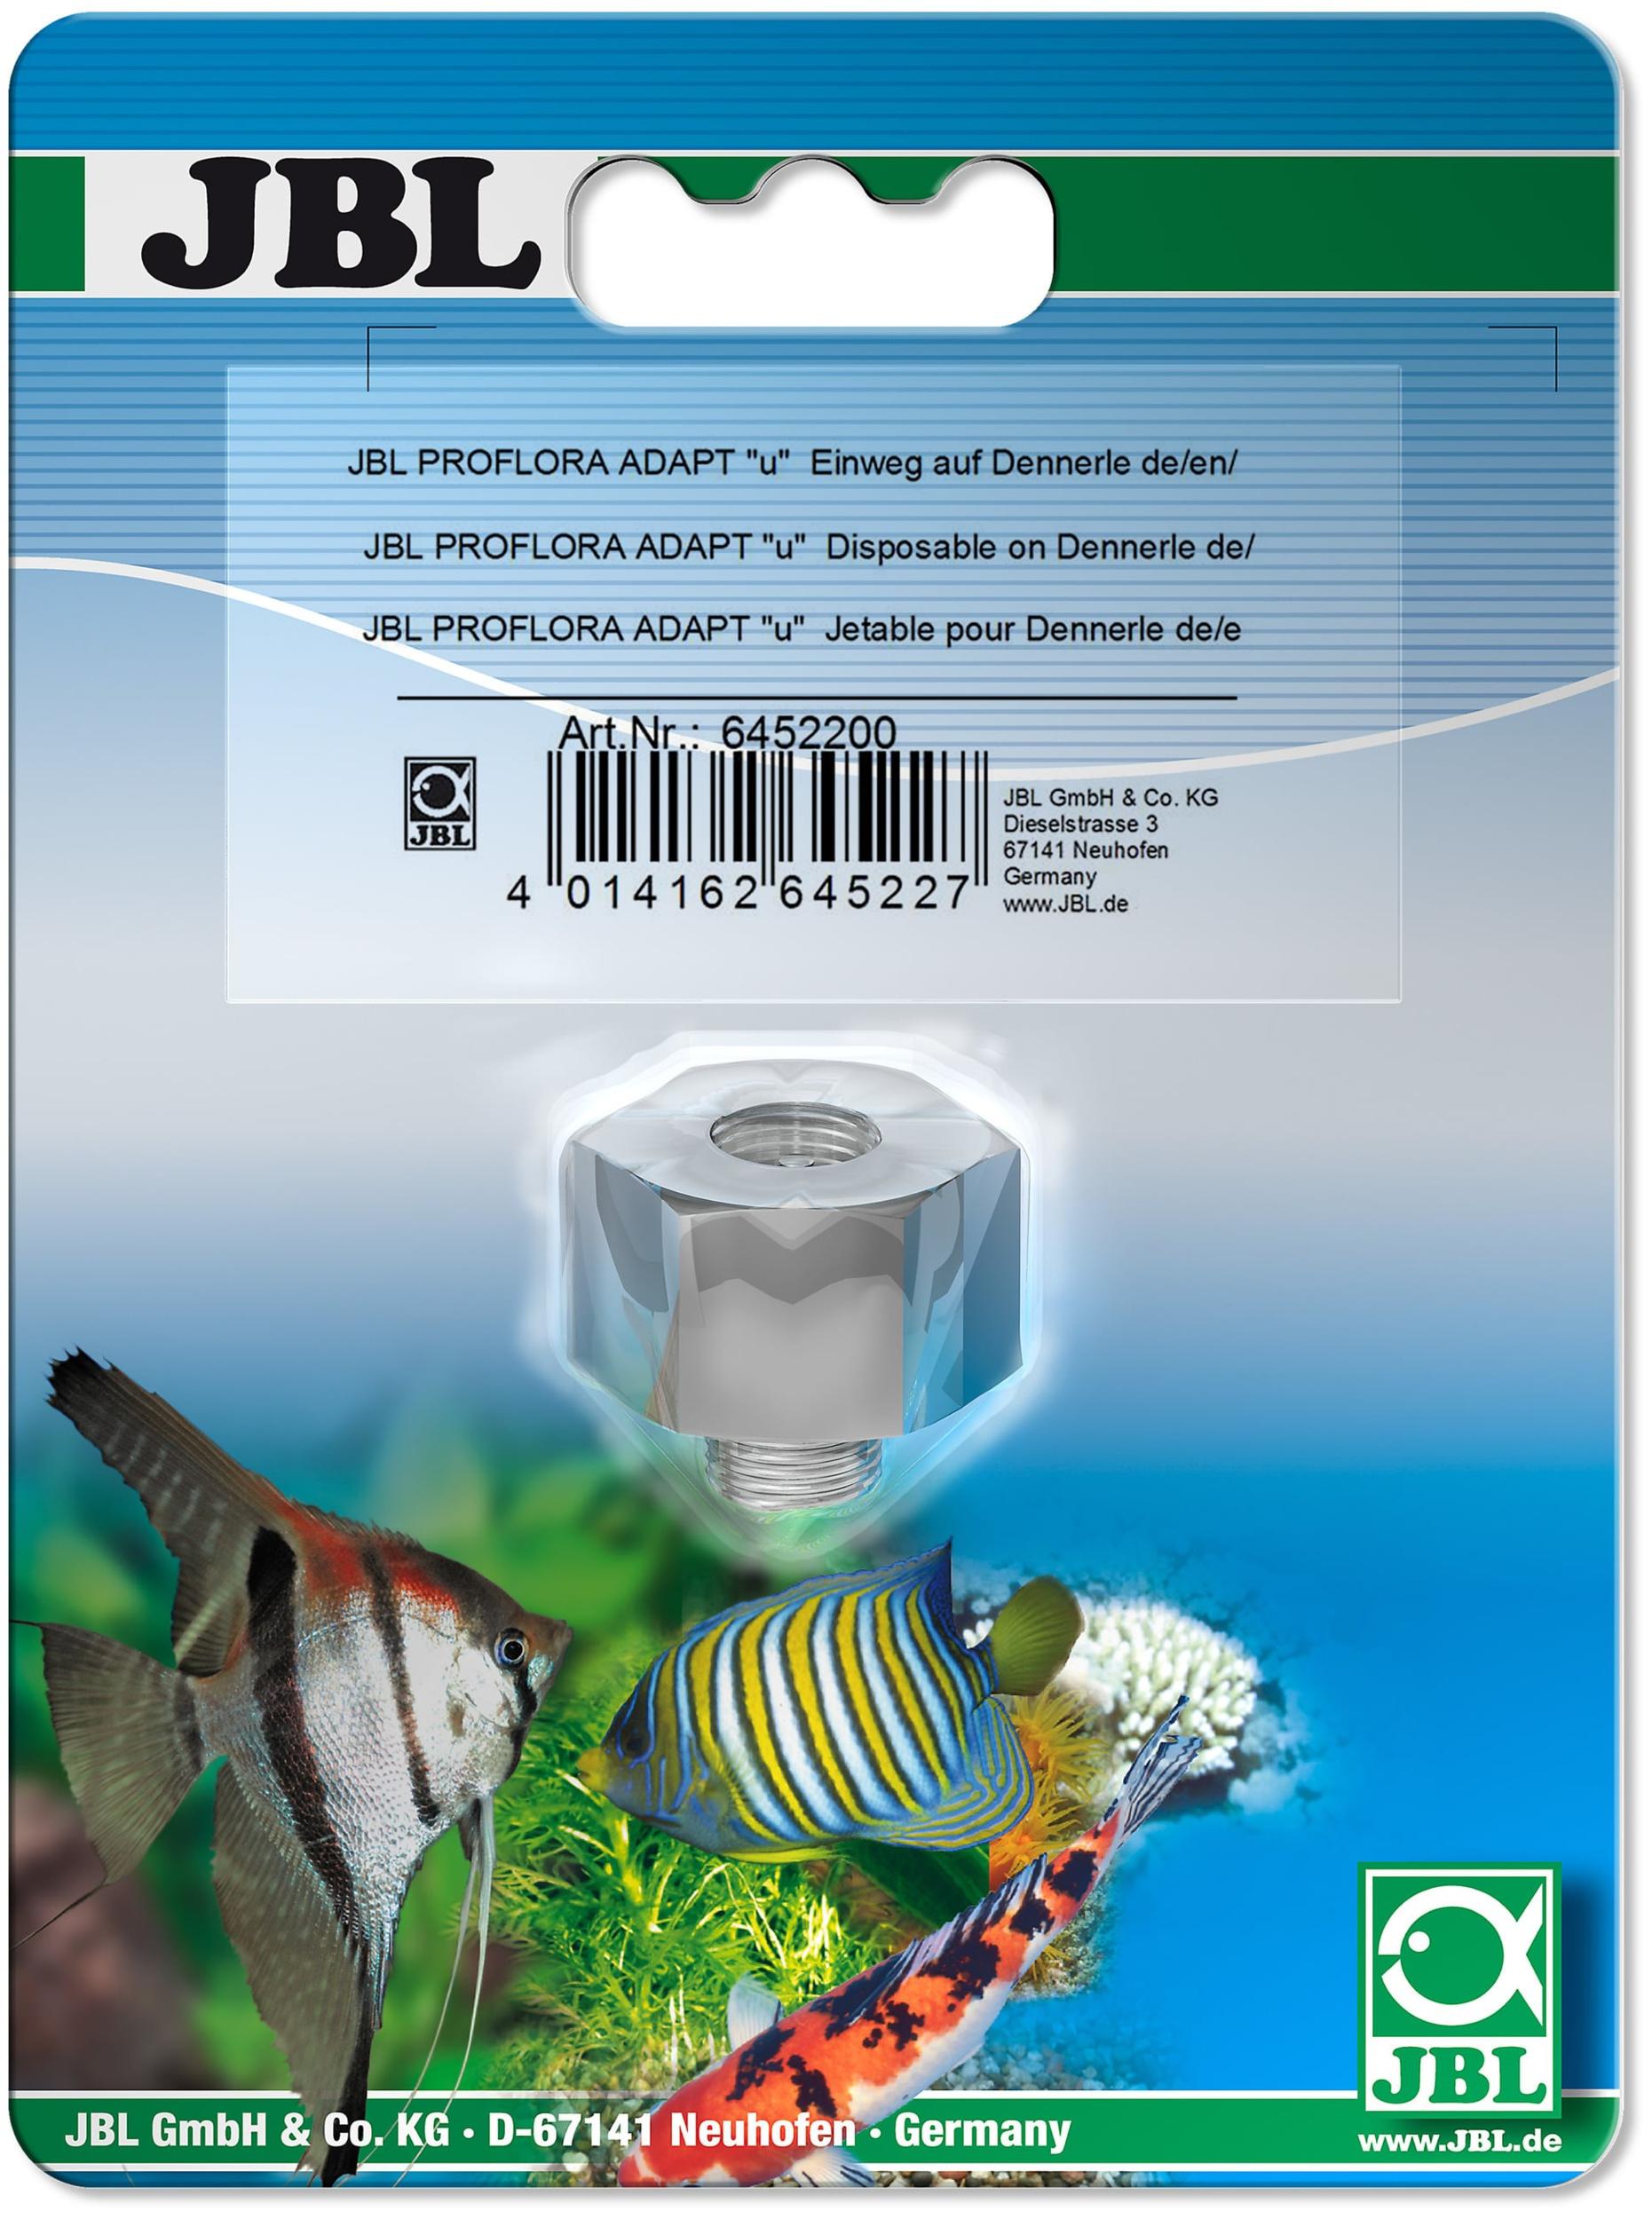 JBL Proflora Adapt U pour utiliser une bouteille 500 gr jetable JBL sur un détendeur Dennerle